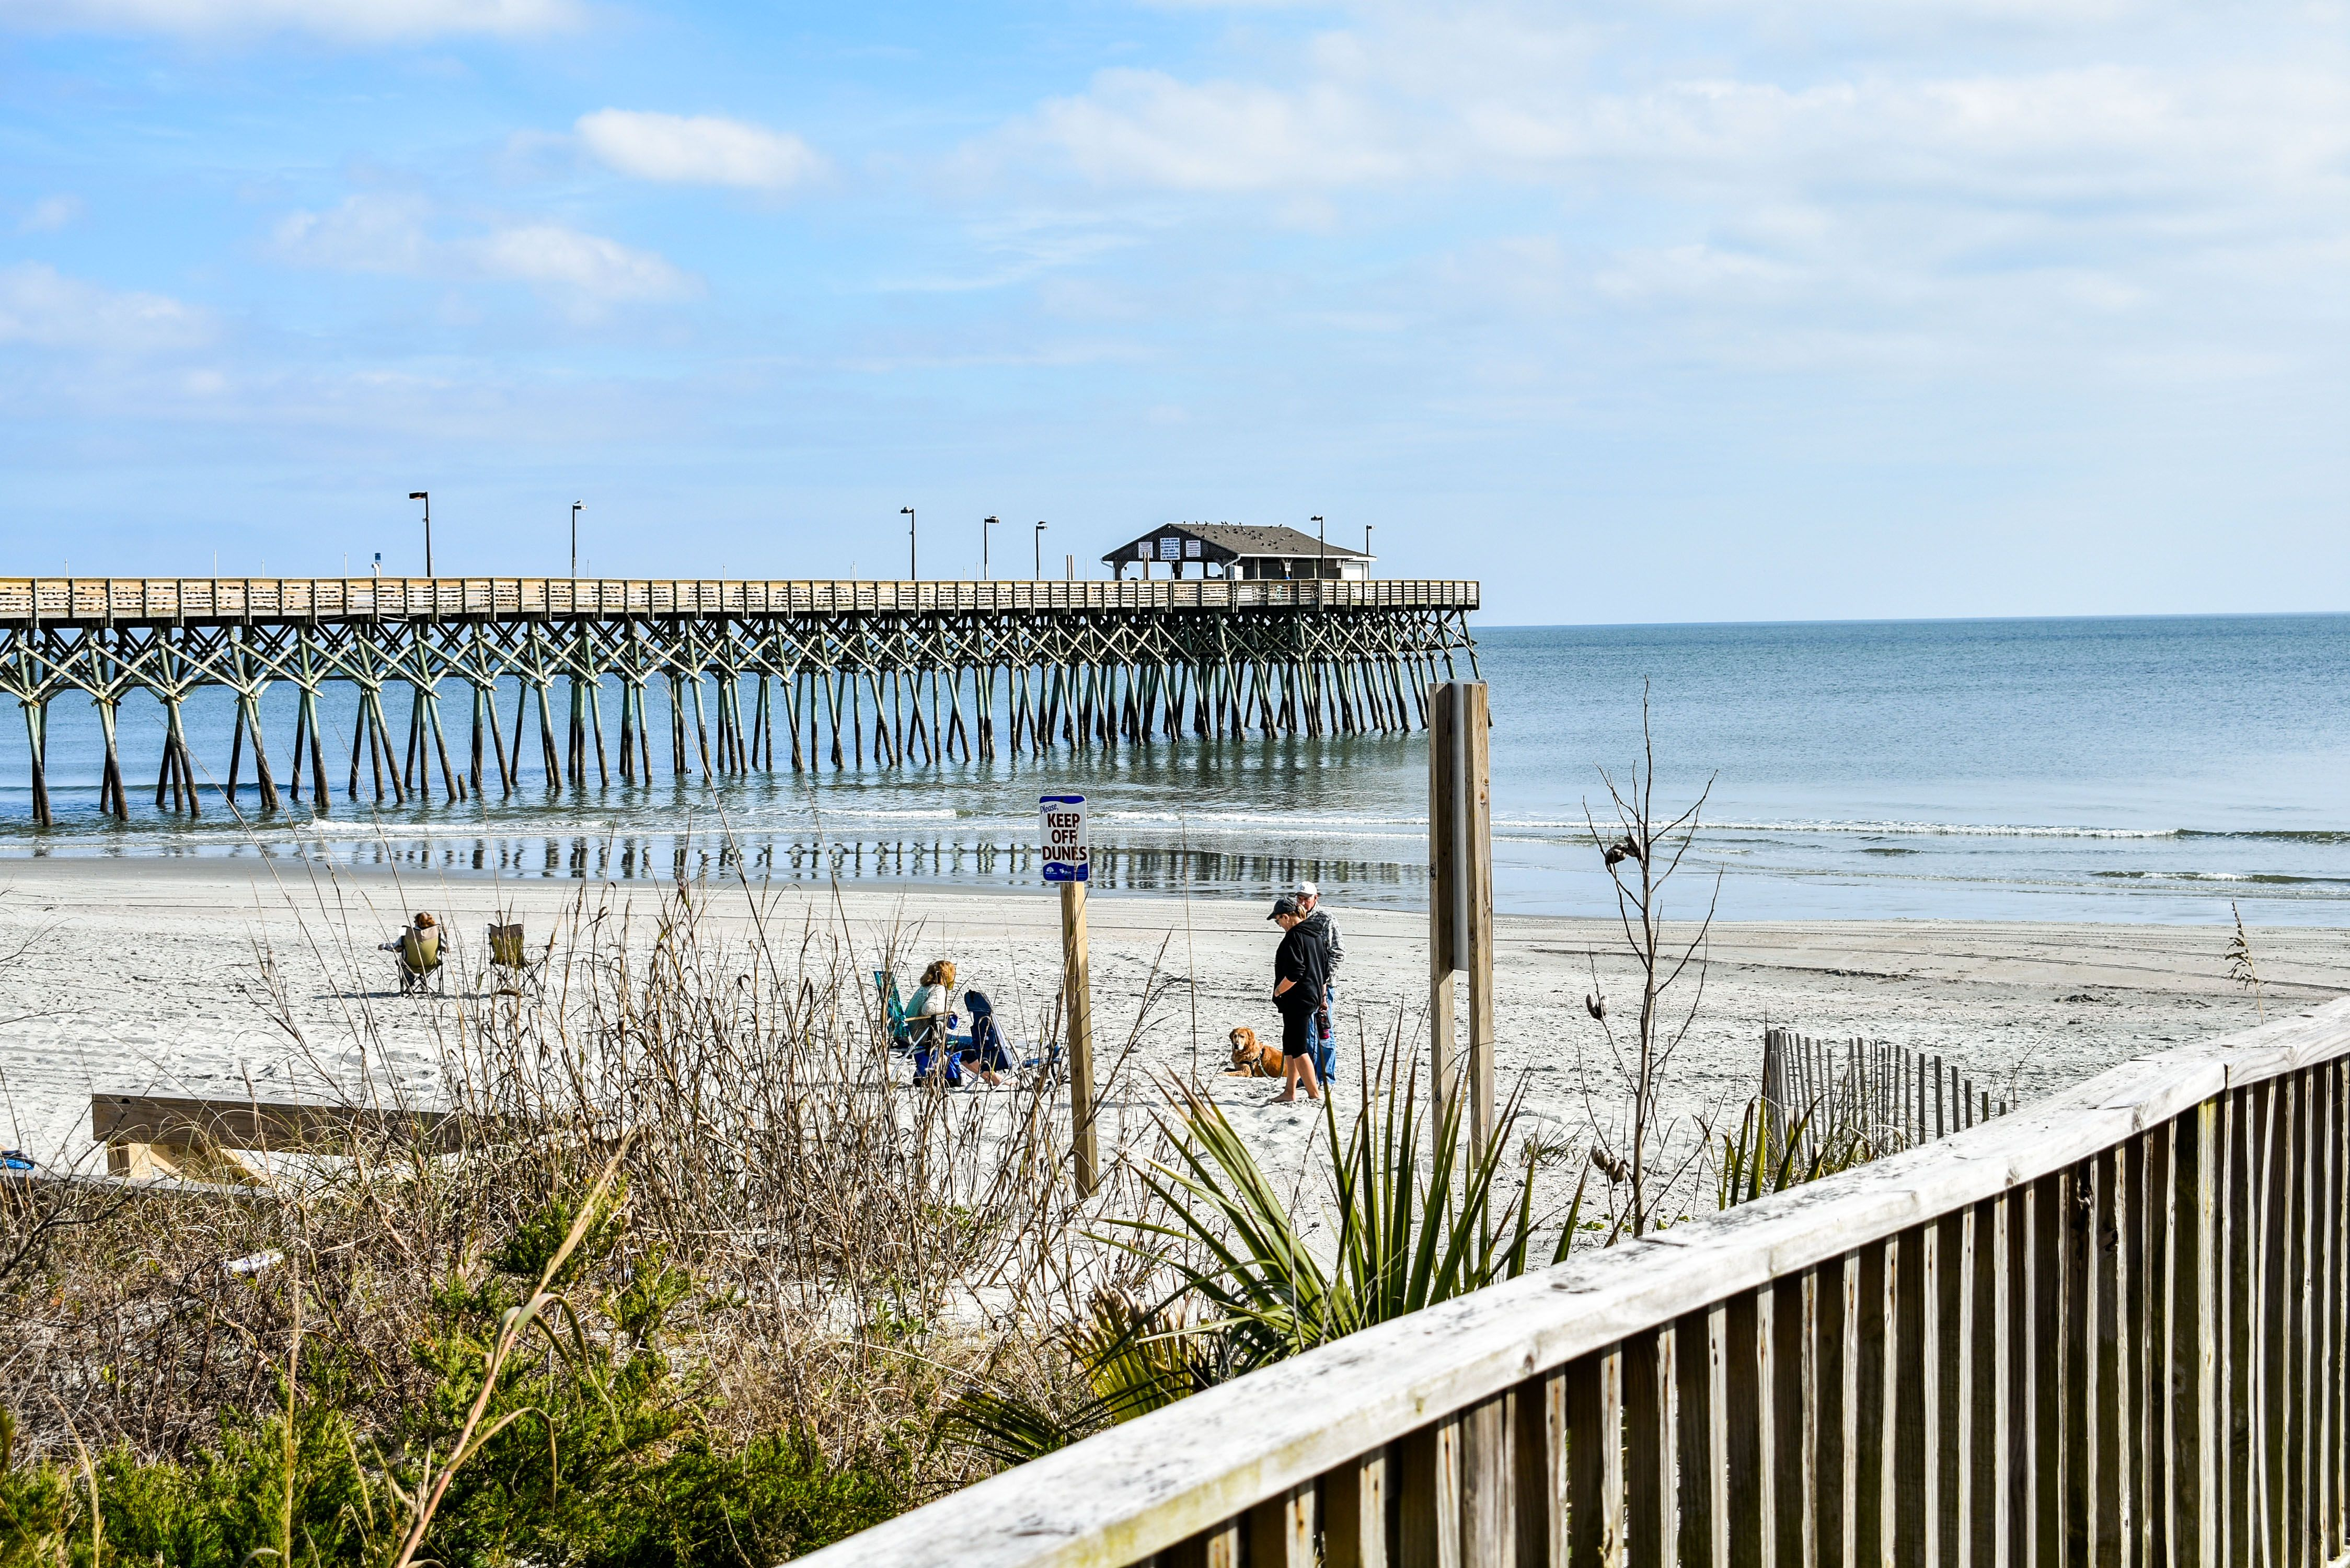 7f57dc2b927051f523dce5c931318b5f - Sea Gardens North Myrtle Beach South Carolina